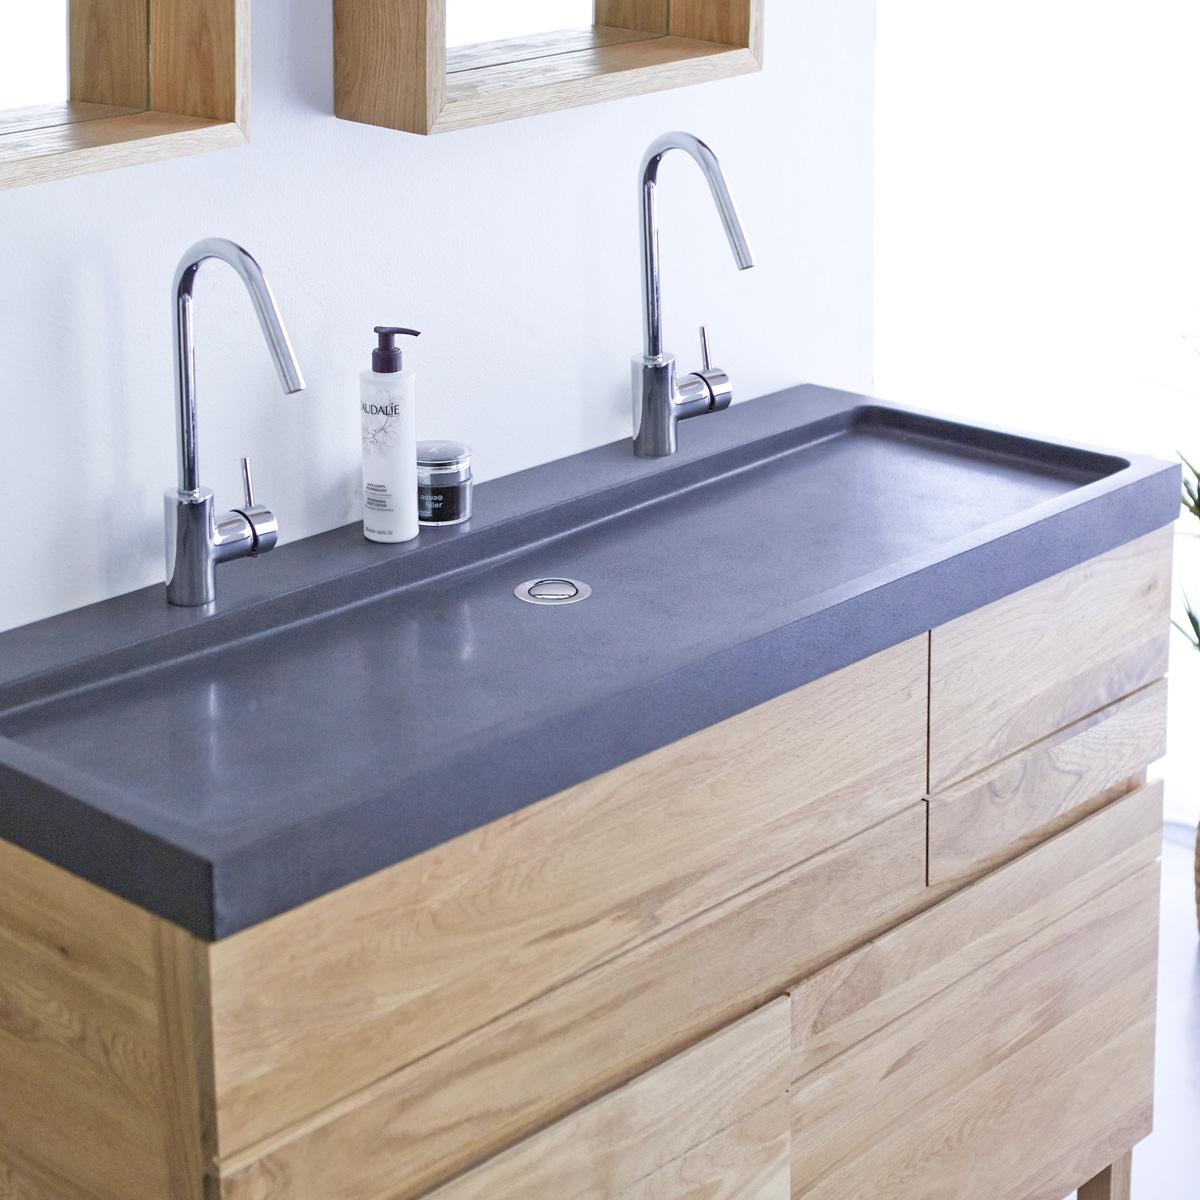 EASY tölgyfa fürdőszoba szekrény dupla lávakő mosdóval 120